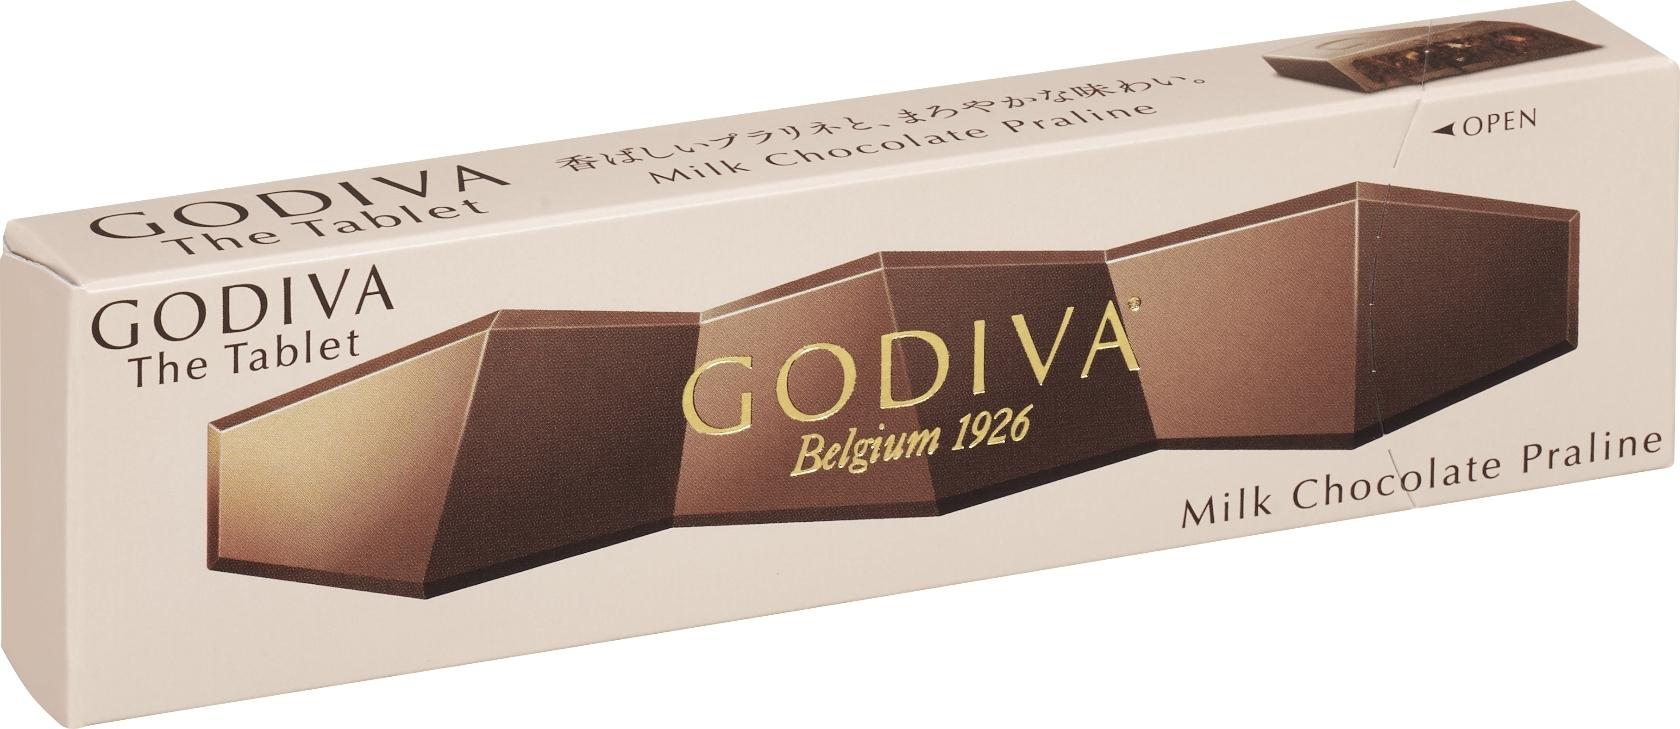 ゴディバ ゴディバ ザ タブレット ミルクチョコレート プラリネ